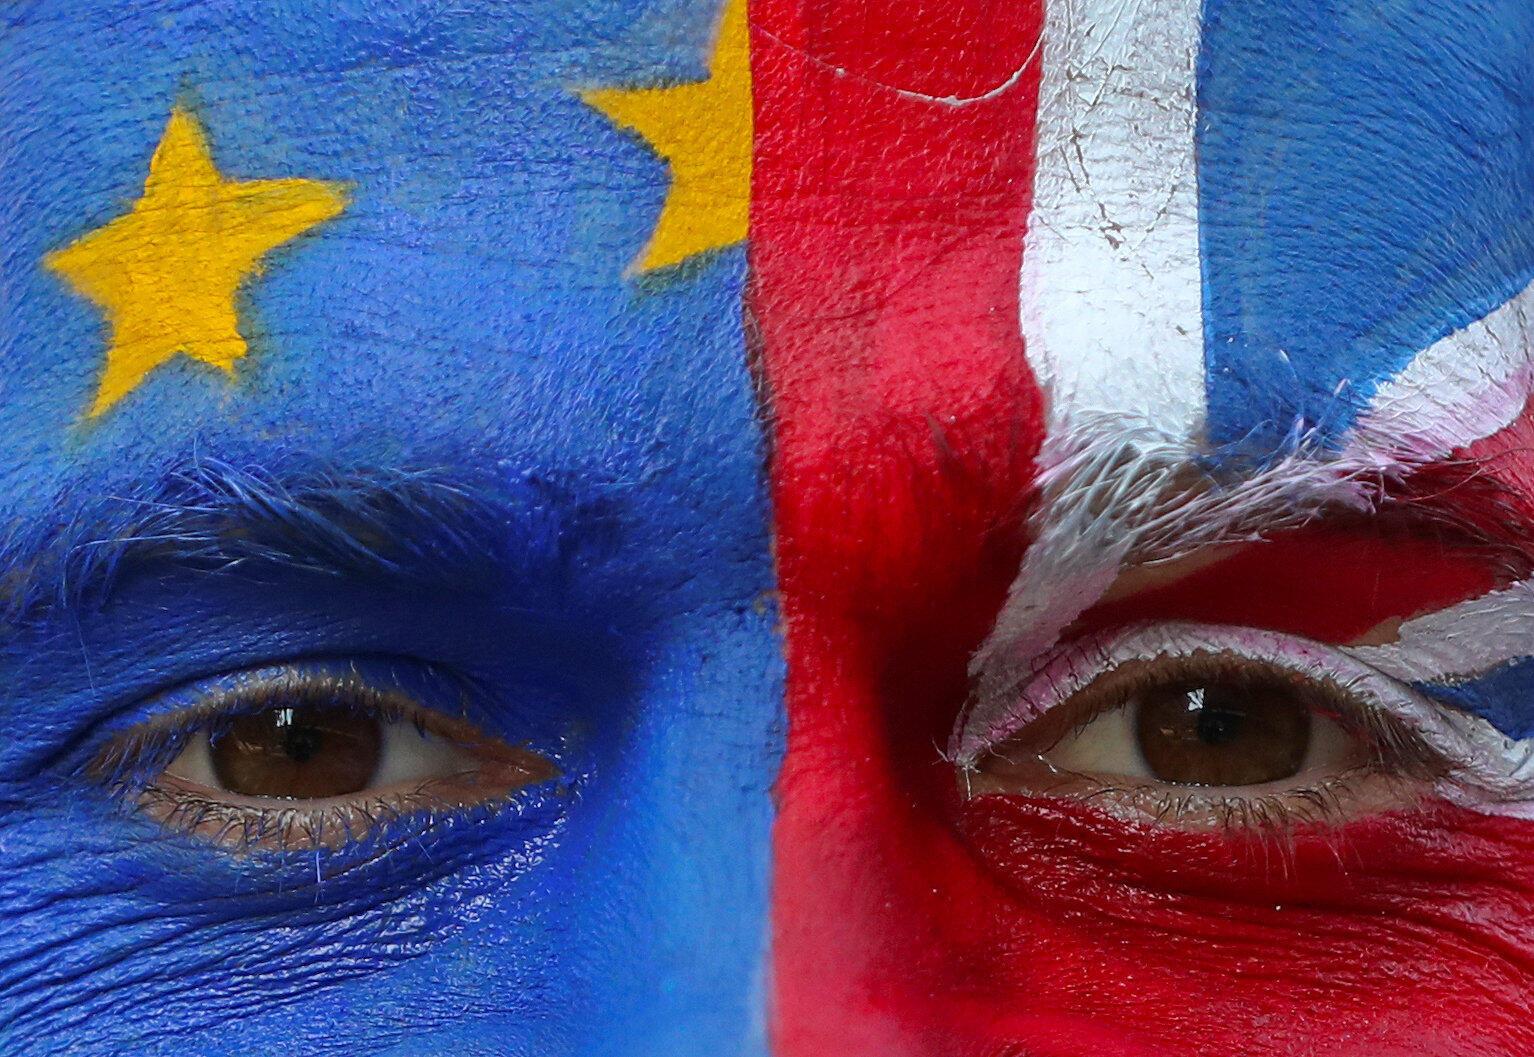 União Europeia aceita adiar o Brexit. Os britânicos têm duas opções de data para deixar o bloco: 12 de abril ou 22 de maio.